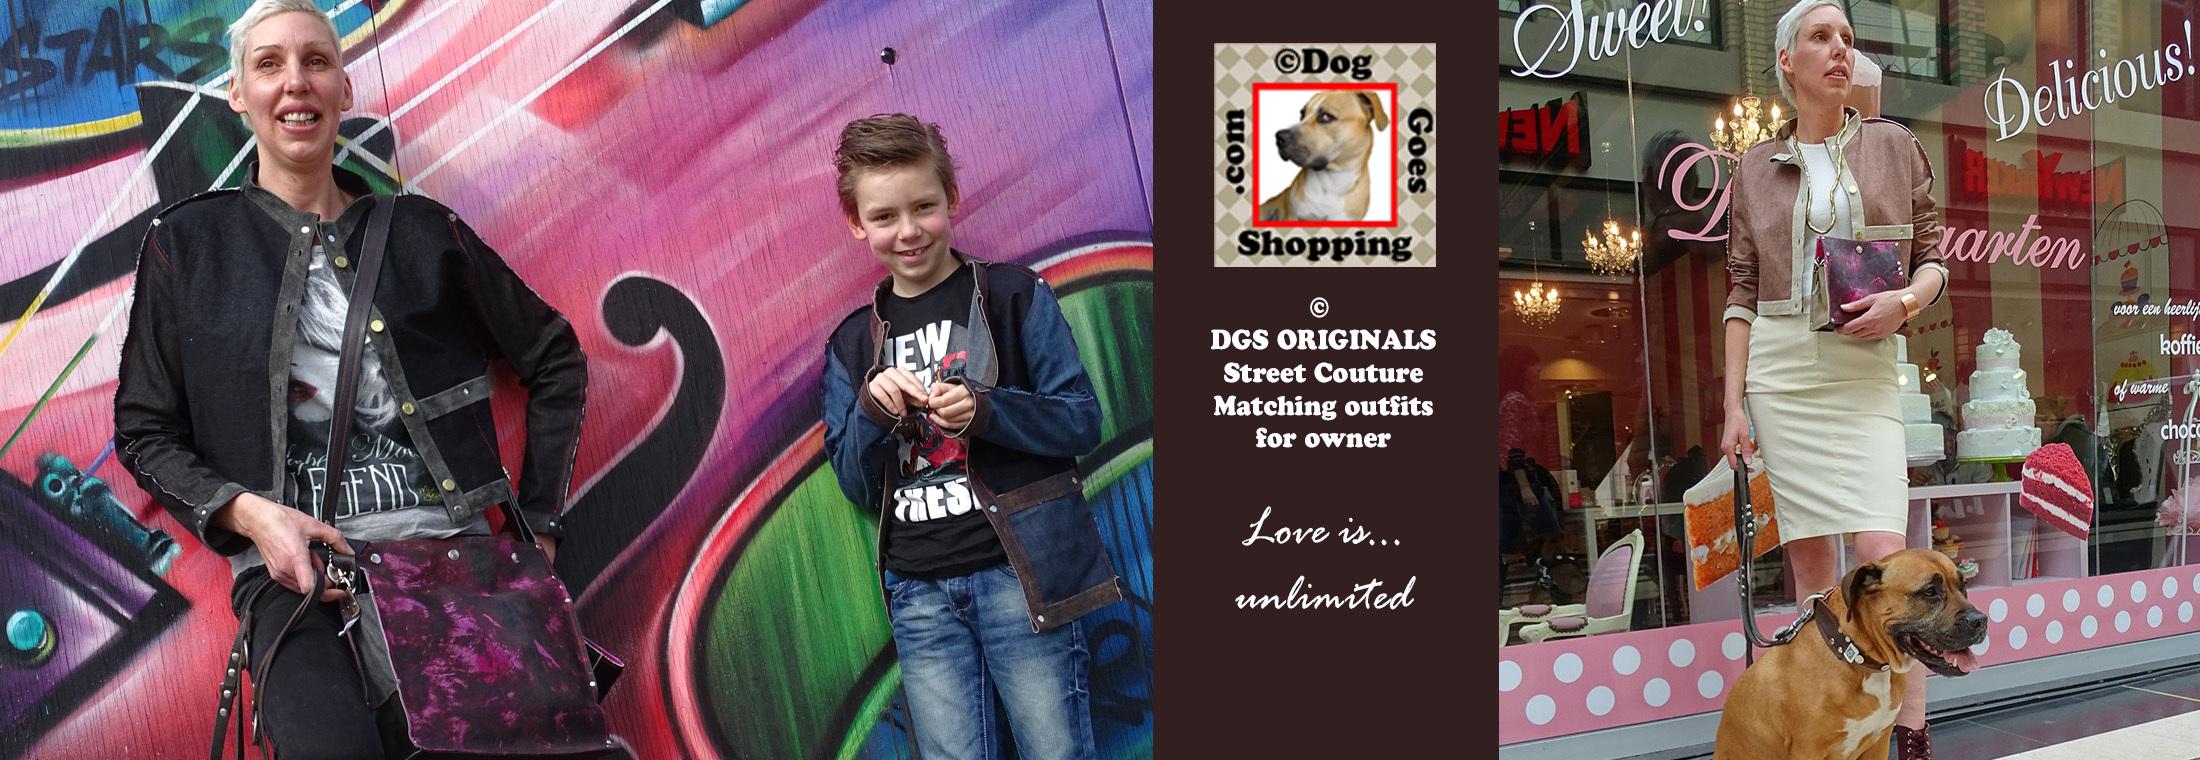 Hondgaatwinkelen2016owner